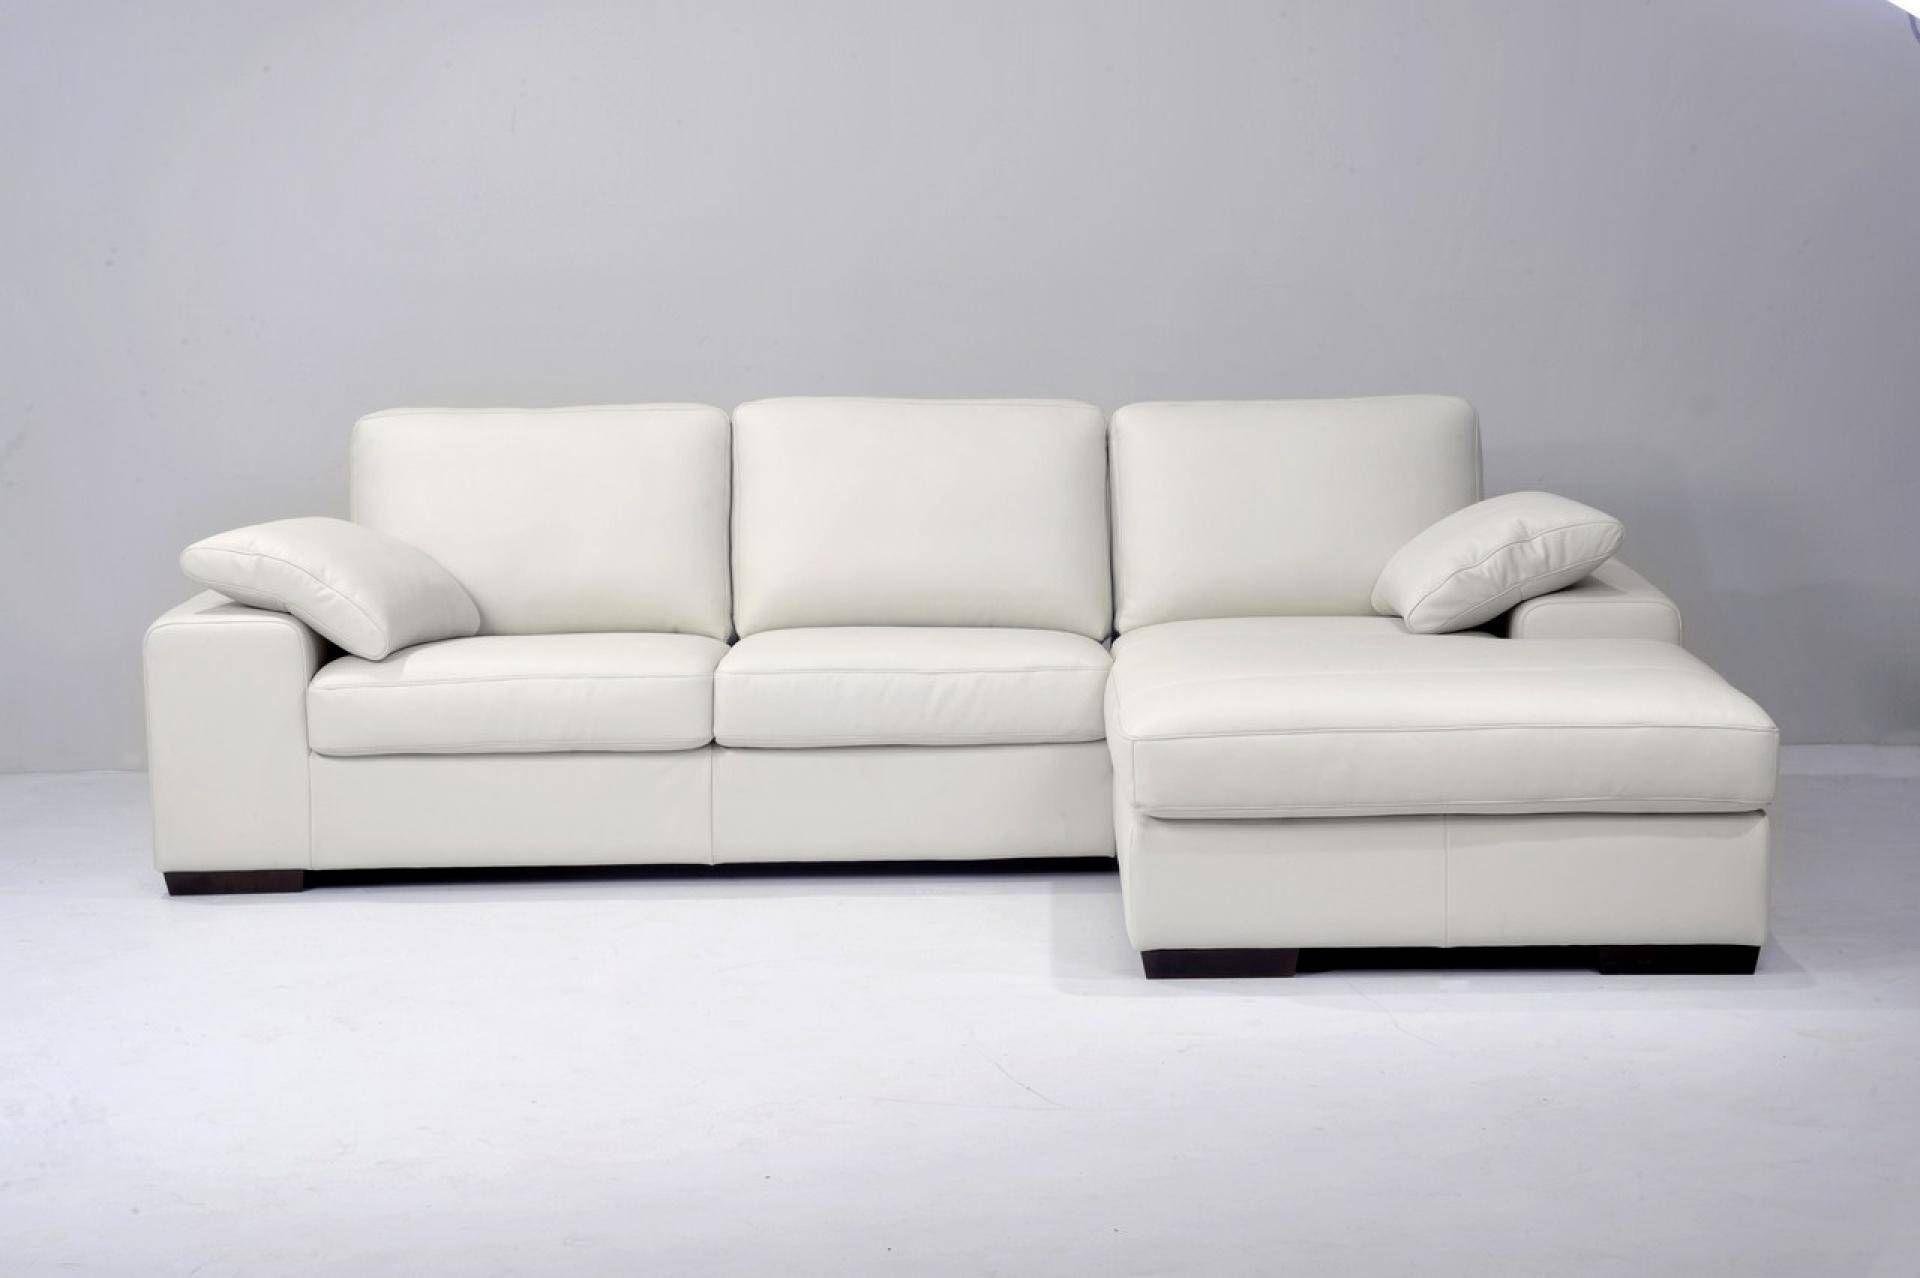 D Angle Leather Sofa Ikea Sales D Angle Sofa Con In 2020 Ikea Sofa Sofa Leather Sofa